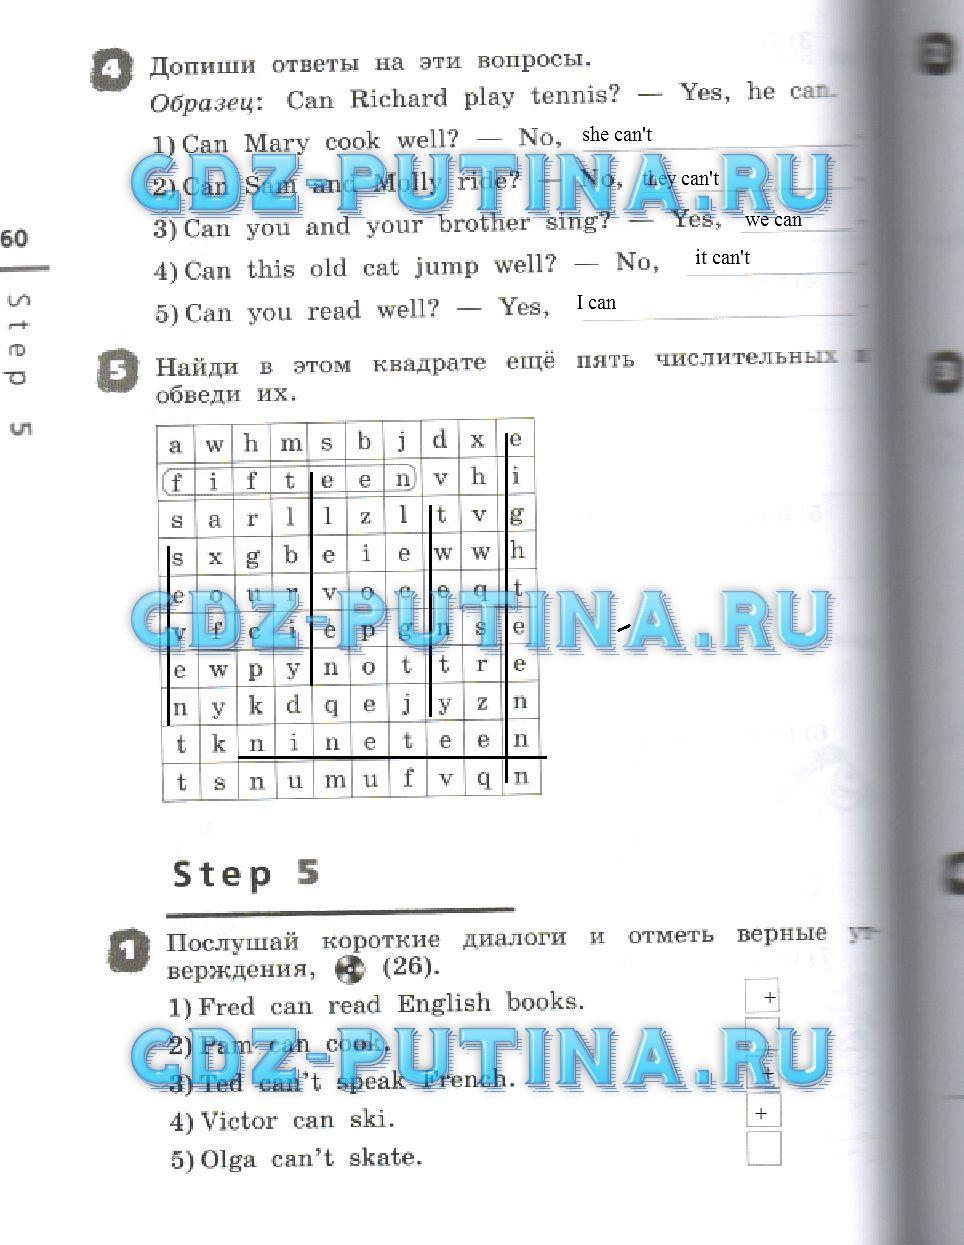 Класса английскому 3 тетрадь михеева рабочая гдз афанасьева языку по